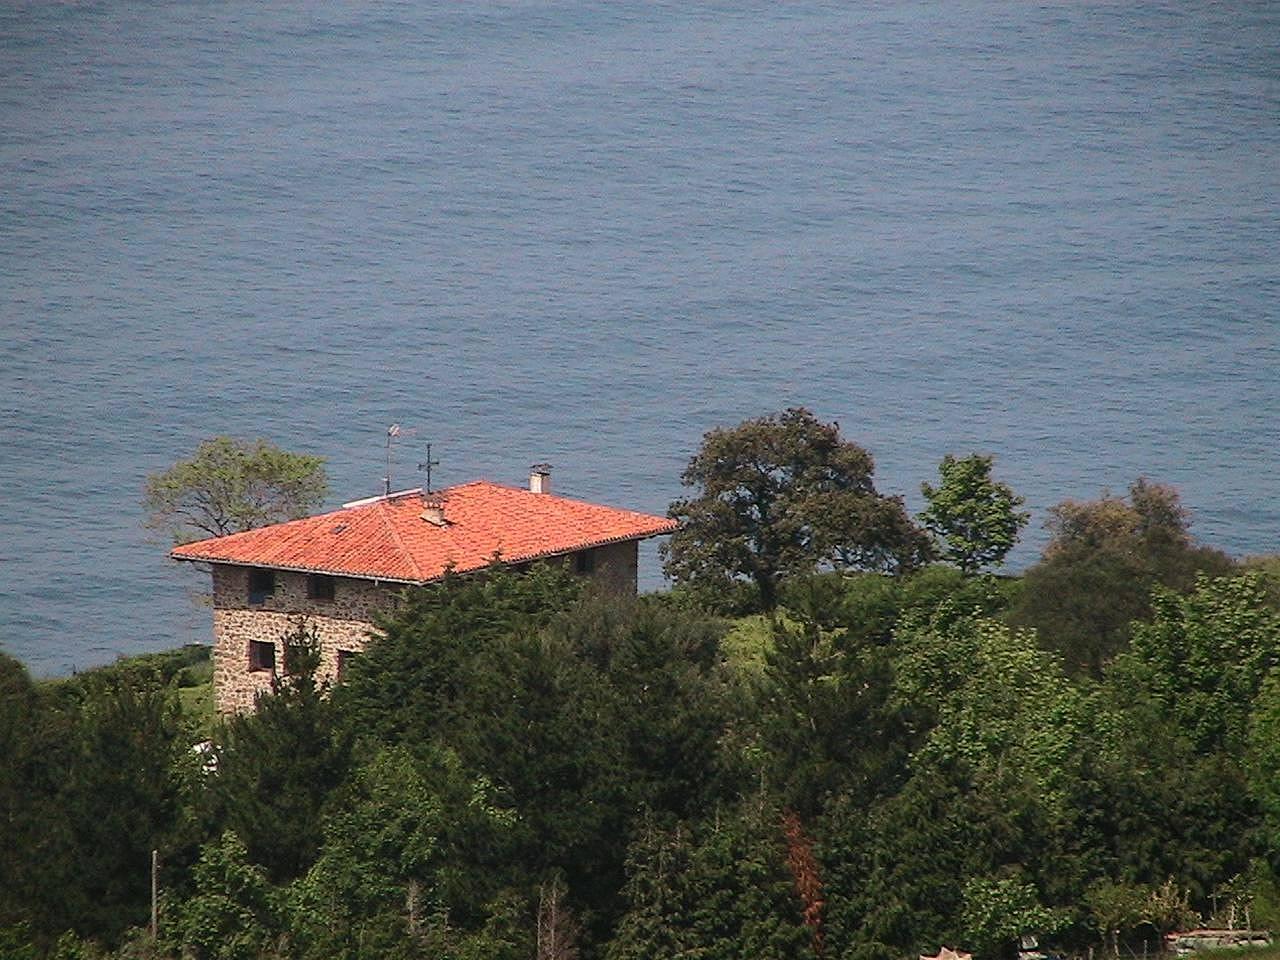 Alquiler vacaciones apartamentos y casas rurales en euskadi pa s vasco espa a - Casas rurales pais vasco alquiler integro ...